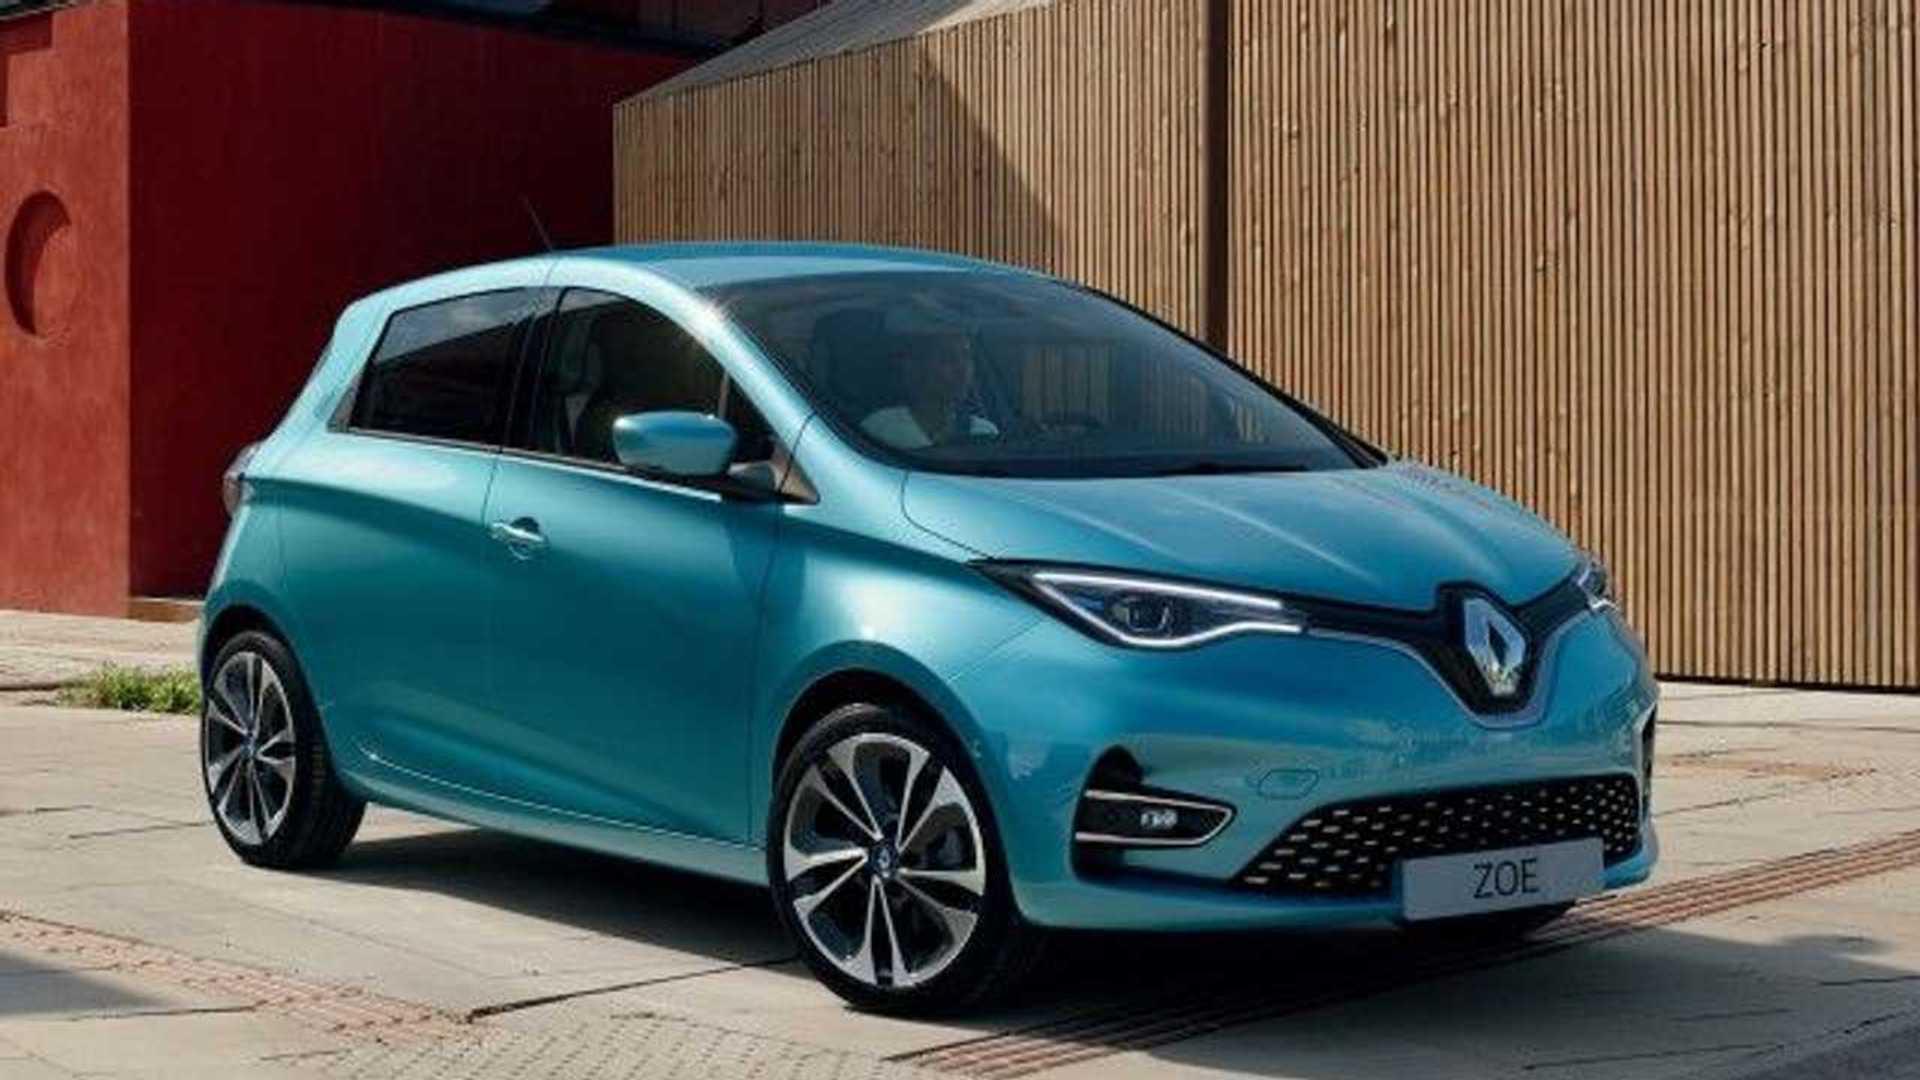 Ennyi, kész, vége, búcsút inthetünk a Renault Zoénak